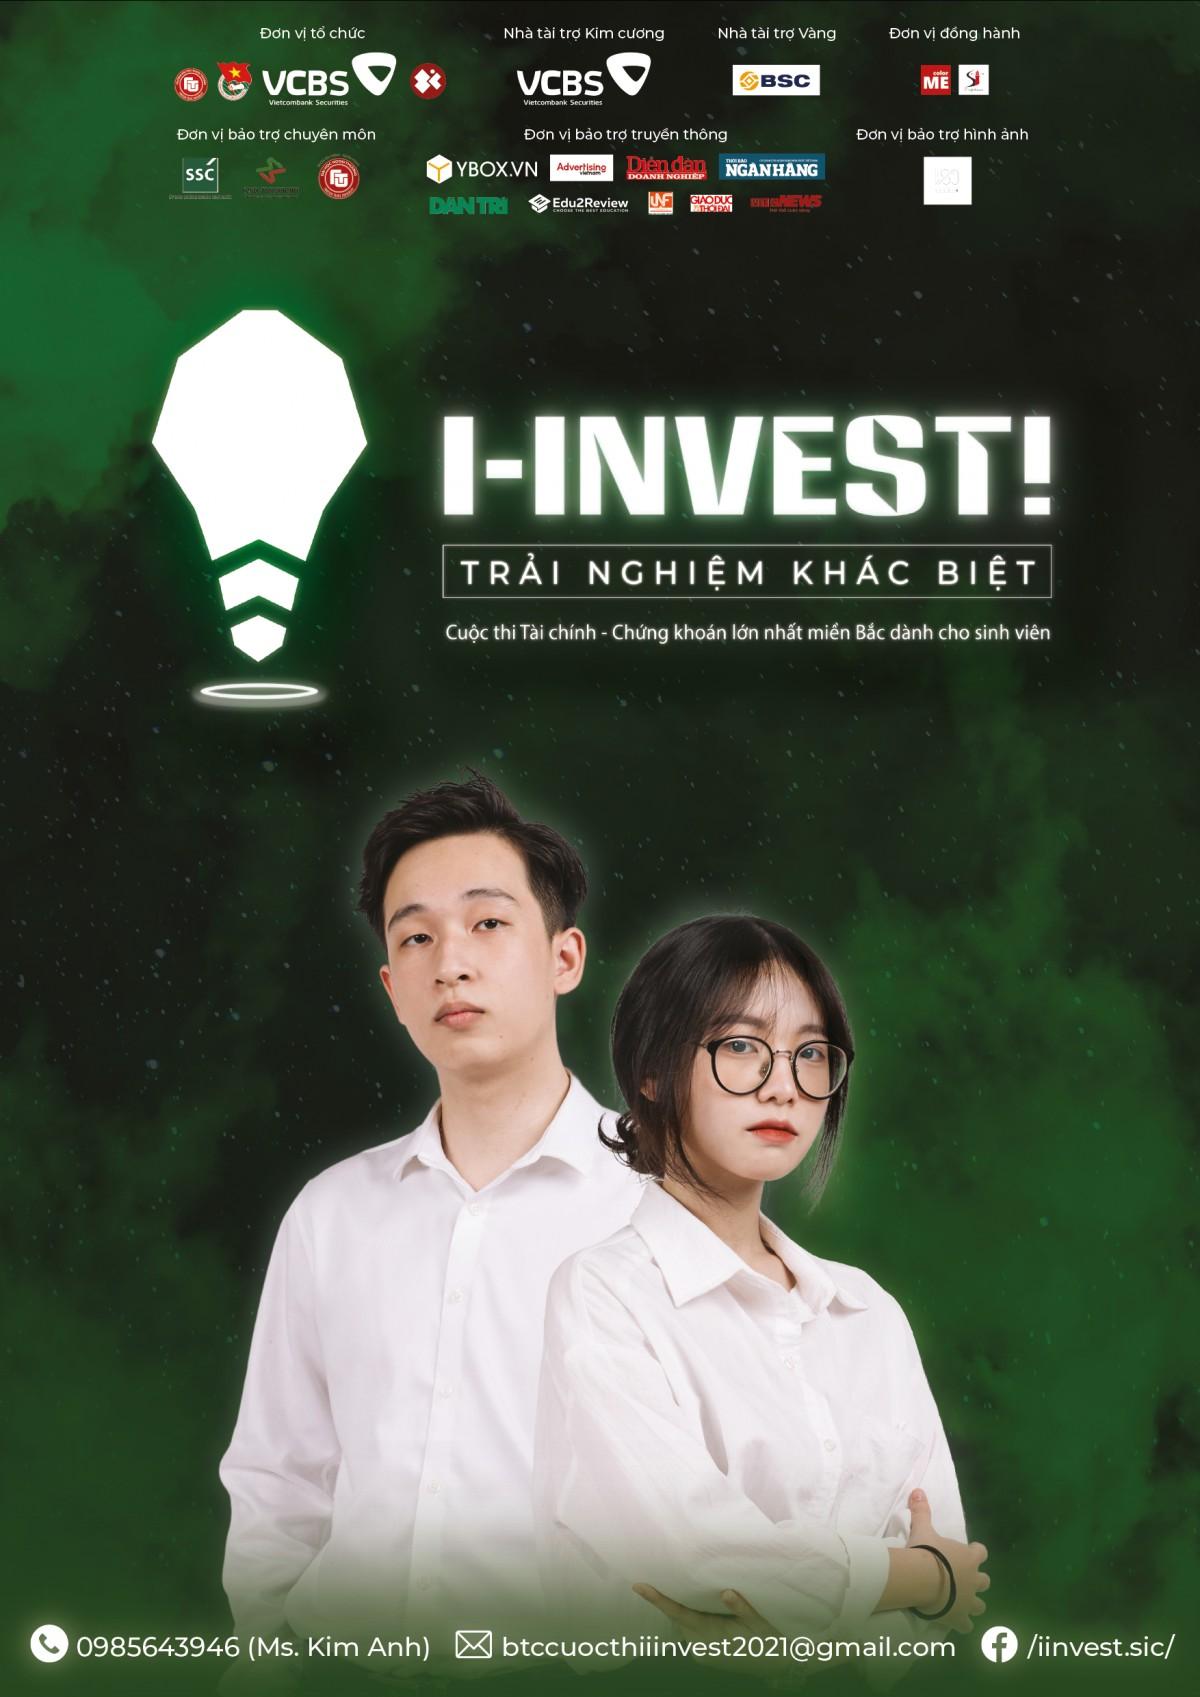 I-INVEST! là cuộc thi về Tài Chính - Chứng Khoán lớn nhất miền Bắc dành cho sinh viên được tổ chức thường niên bởi CLB Chứng khoán SIC - FTU. Trong năm 2021 này, colorME rất vui khi được đồng hành cùng Cuộc thi, duy trì mối quan hệ hợp tác lâu dài giữa hai bên và kiến tạo những giá trị khác biệt.